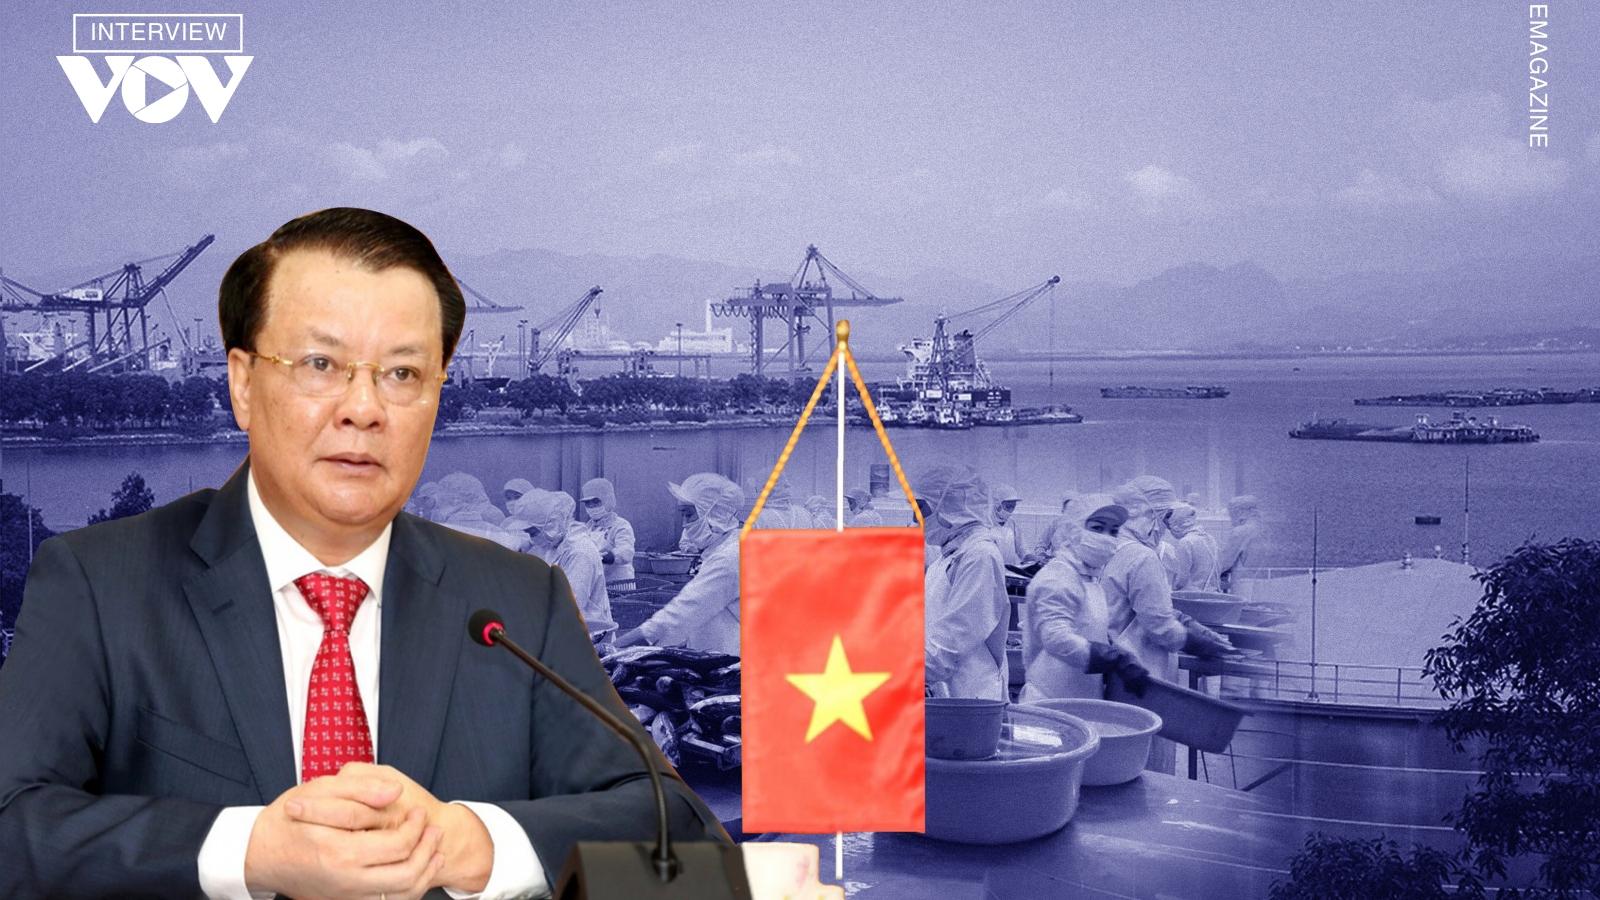 Bộ trưởng Tài chính: Tiếp tục rà soát giảm thuế, giảm thu các loại phí, lệ phí hỗ trợ DN